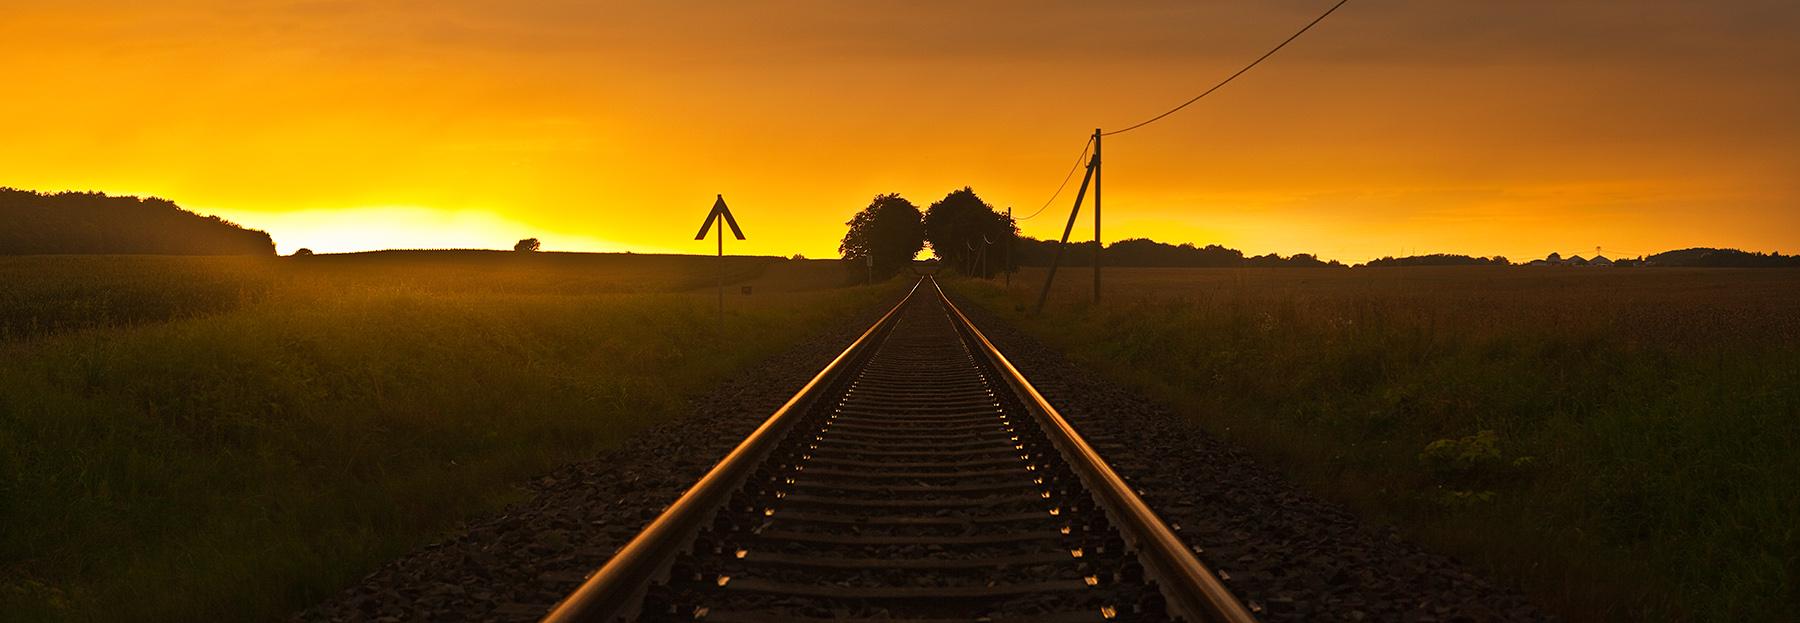 Rügen Tracks